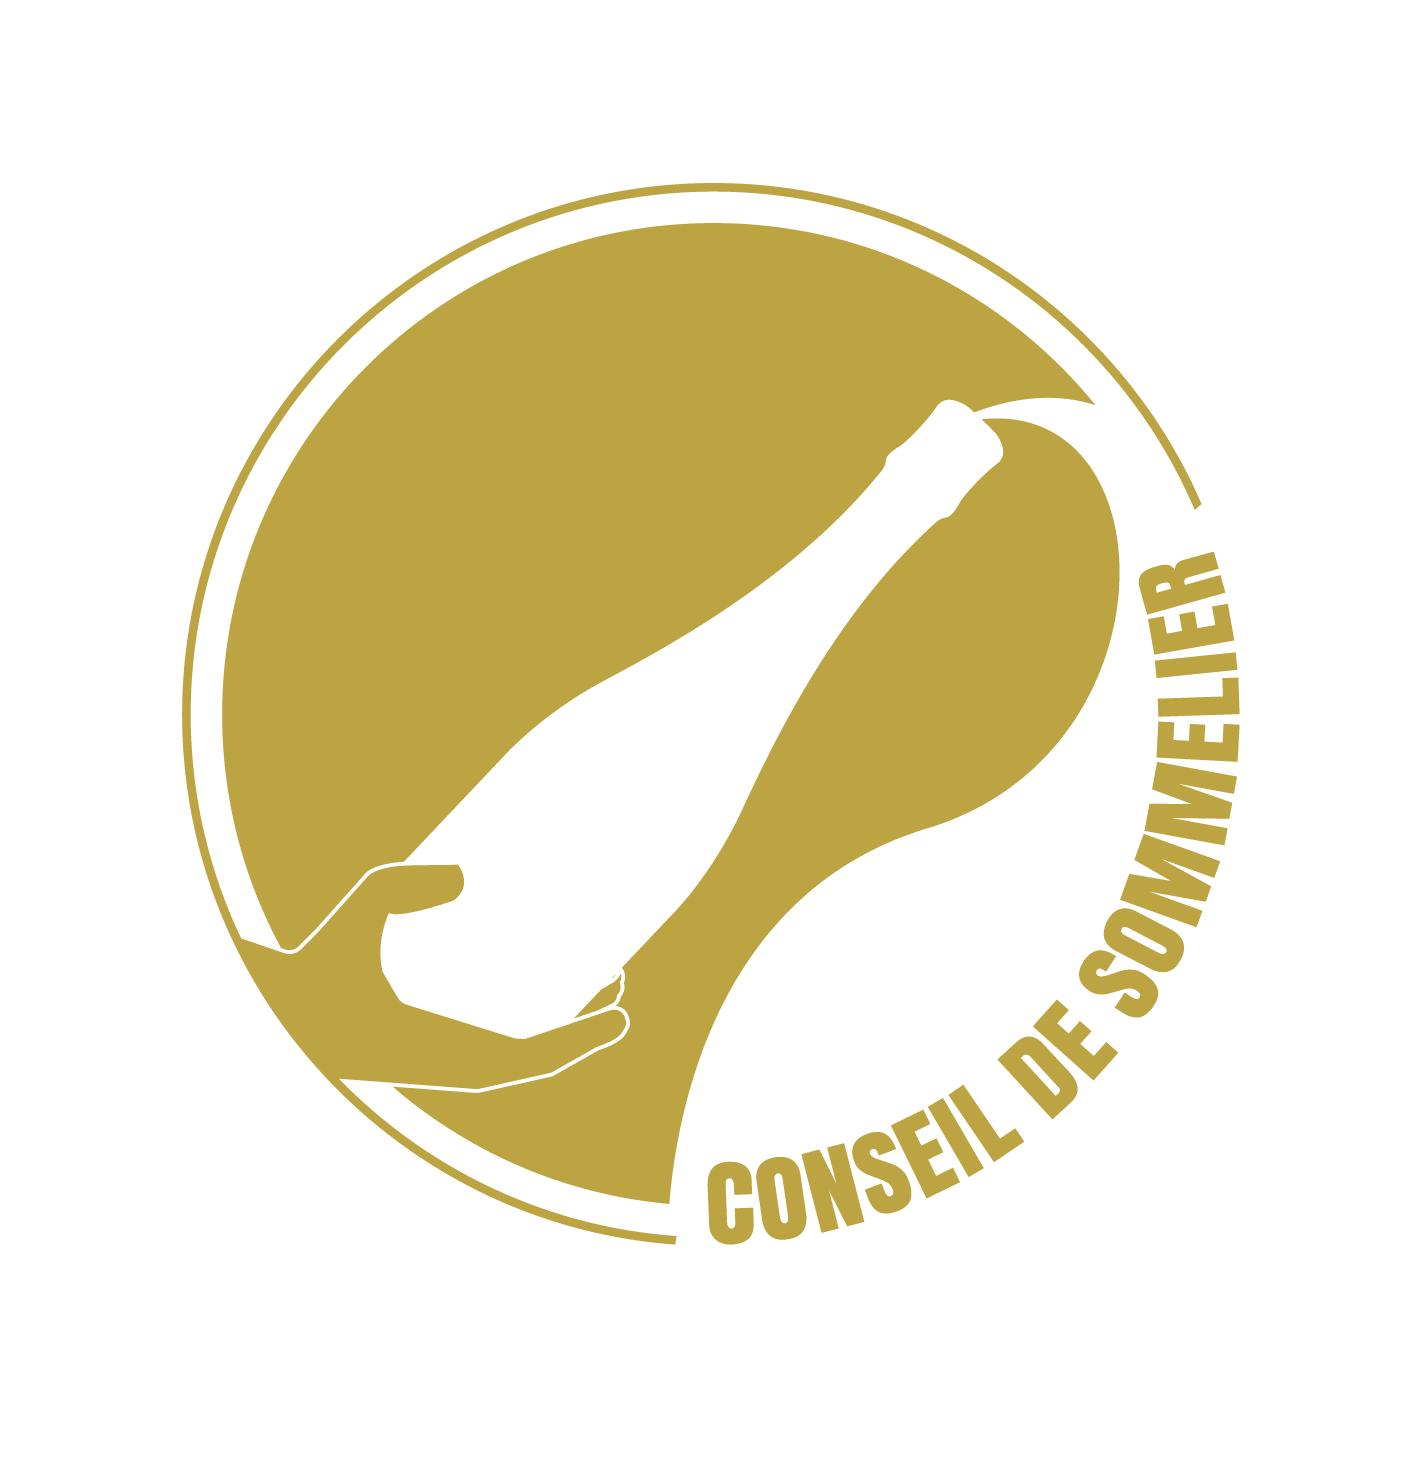 CONSEIL DE SOMMELIER